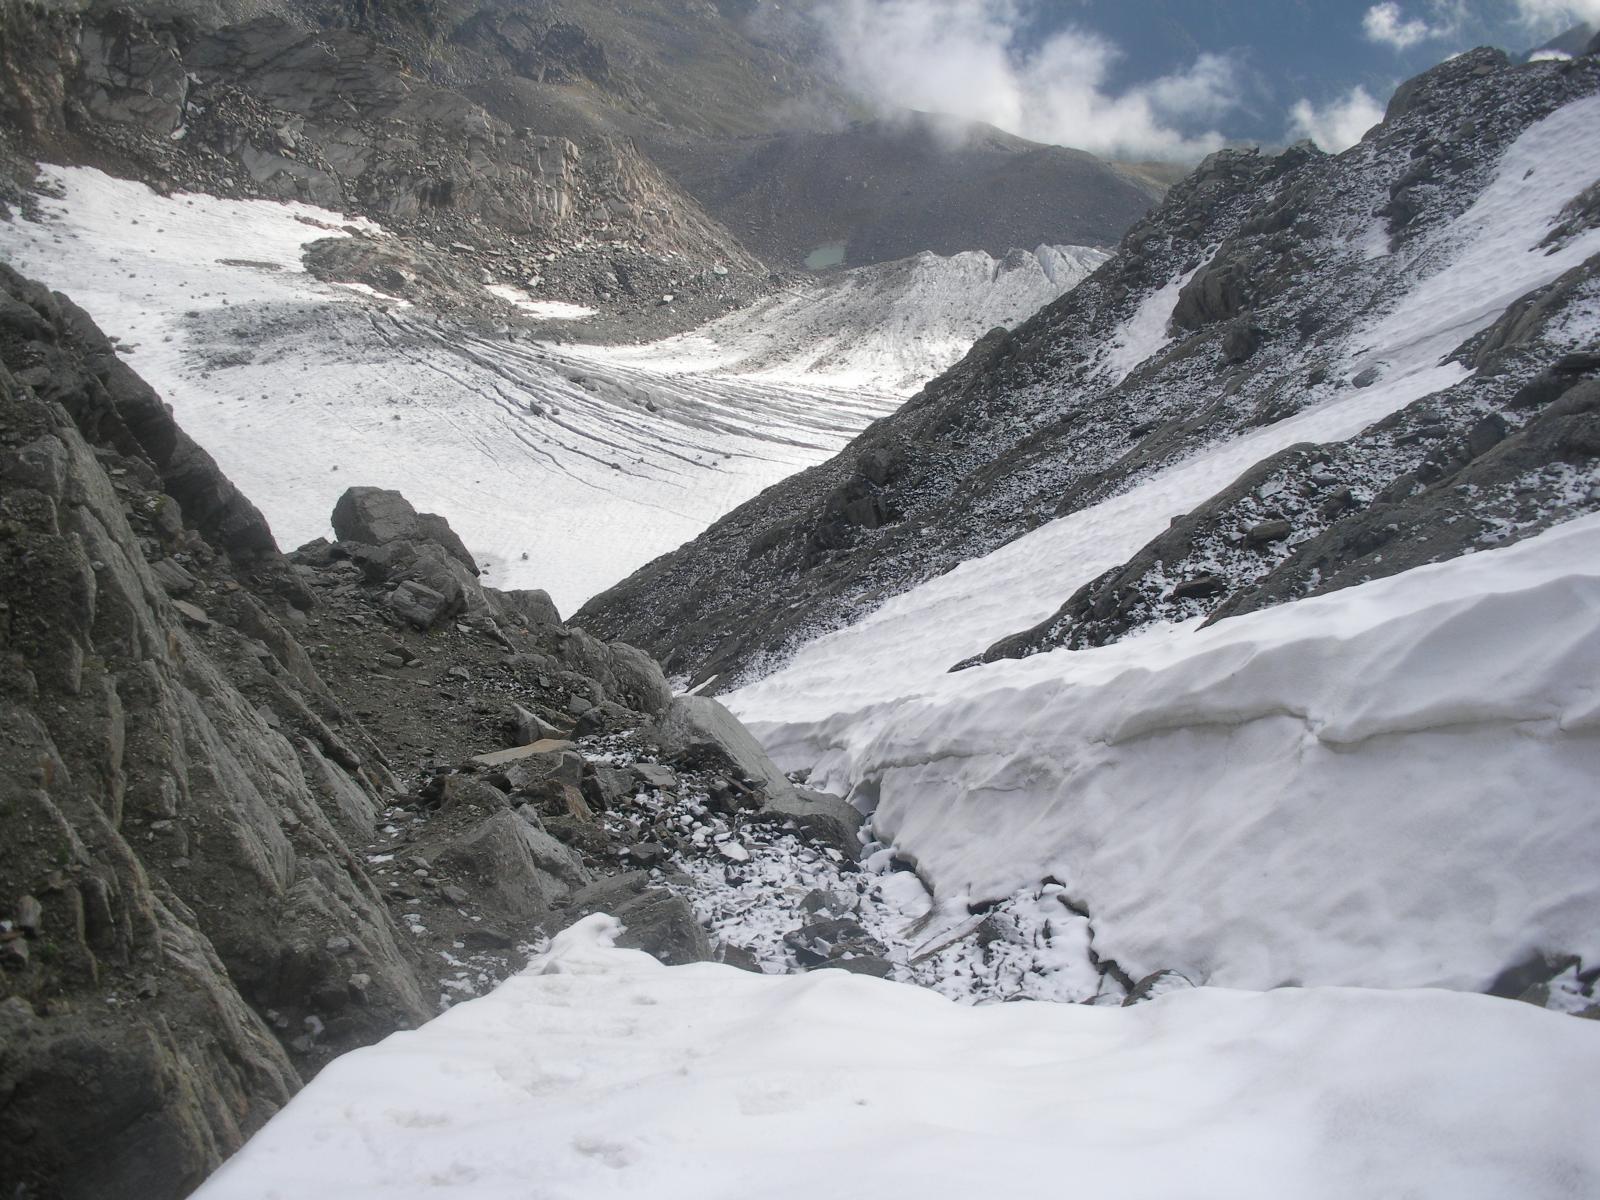 il ghiacciaio del Mulinet, e lo scivolo al Passo di S.Stefano..